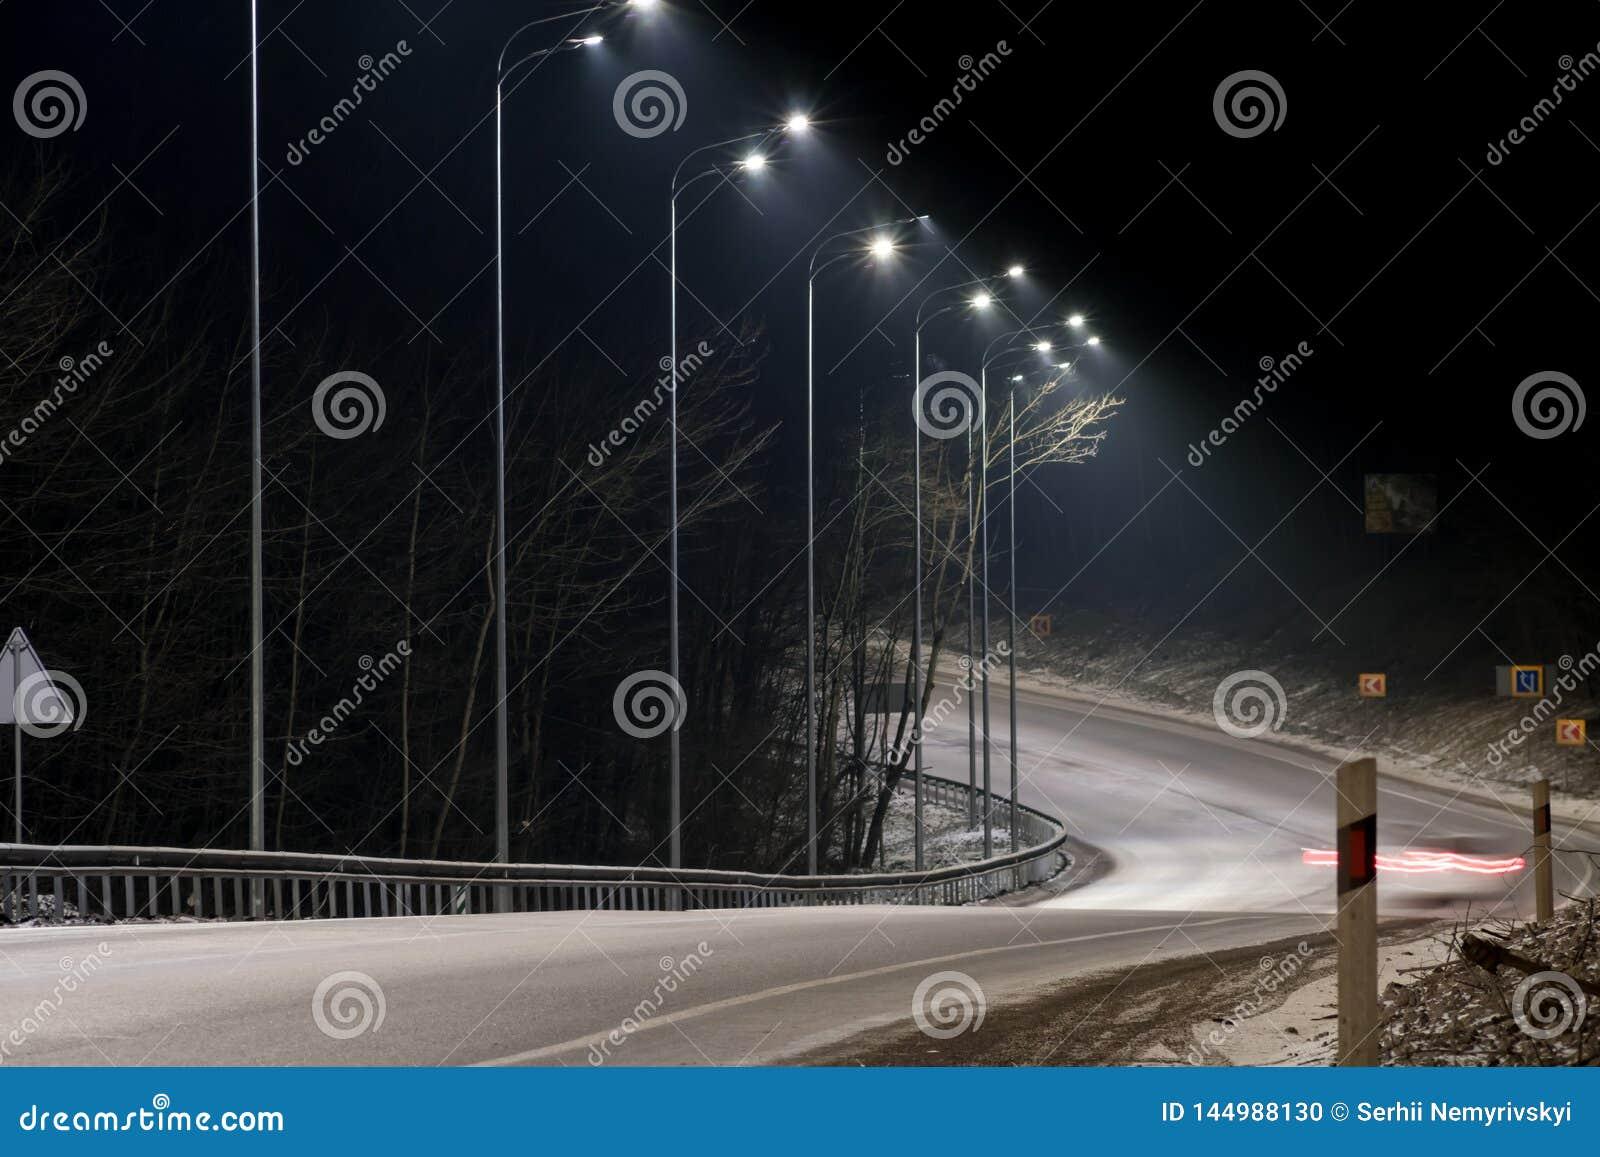 E r концепция дороги, удаления снега и льда, опасности и безопасности движения, улицы